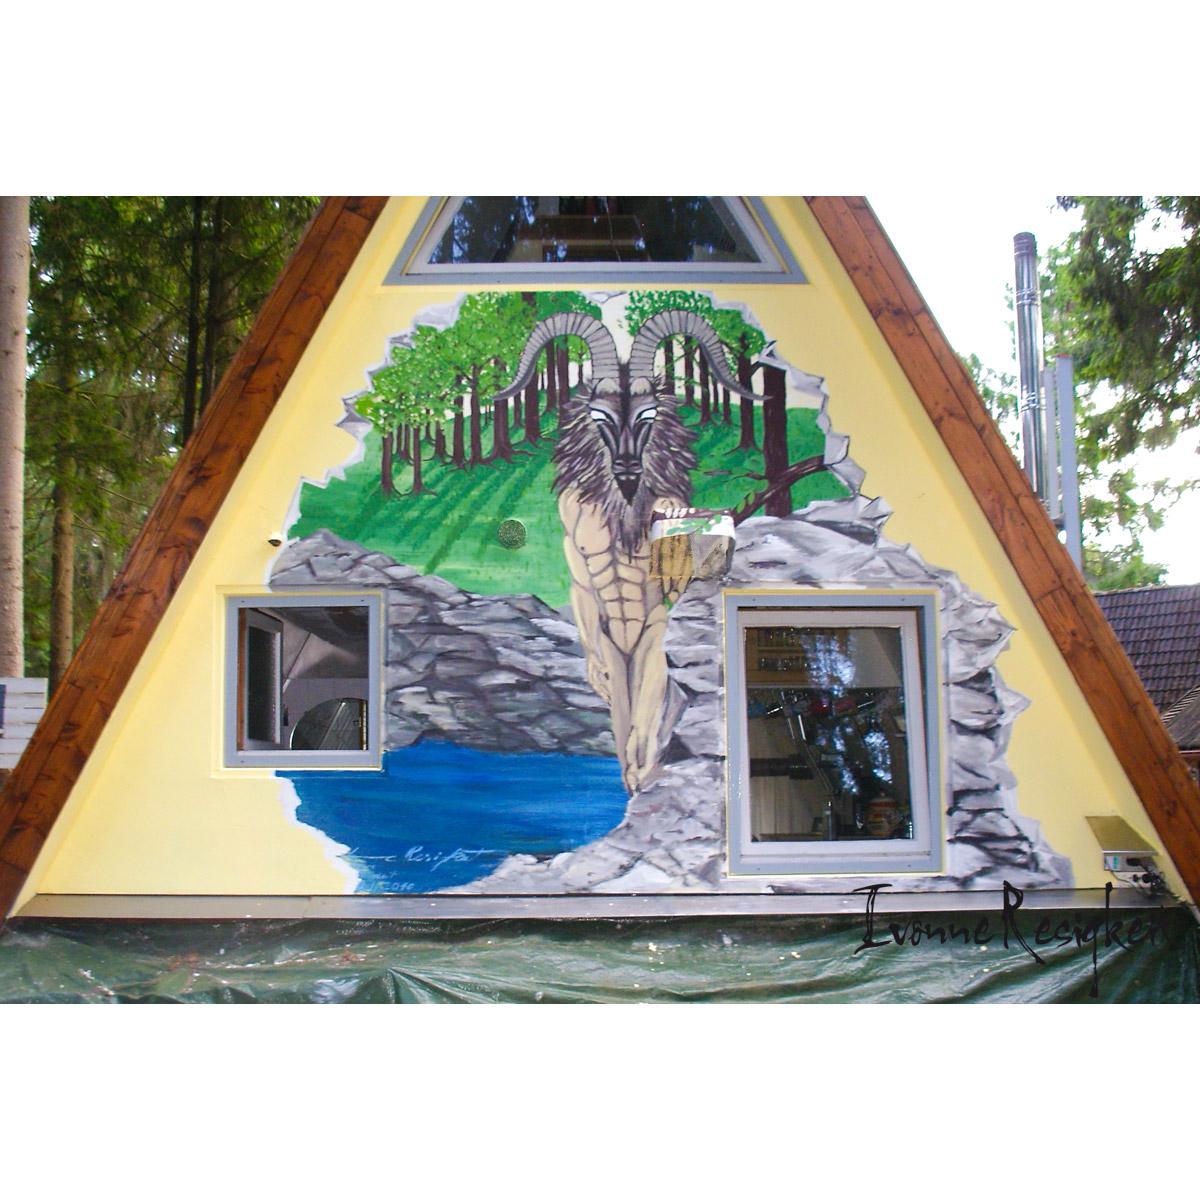 Fassadenfarbe auf Hauswand